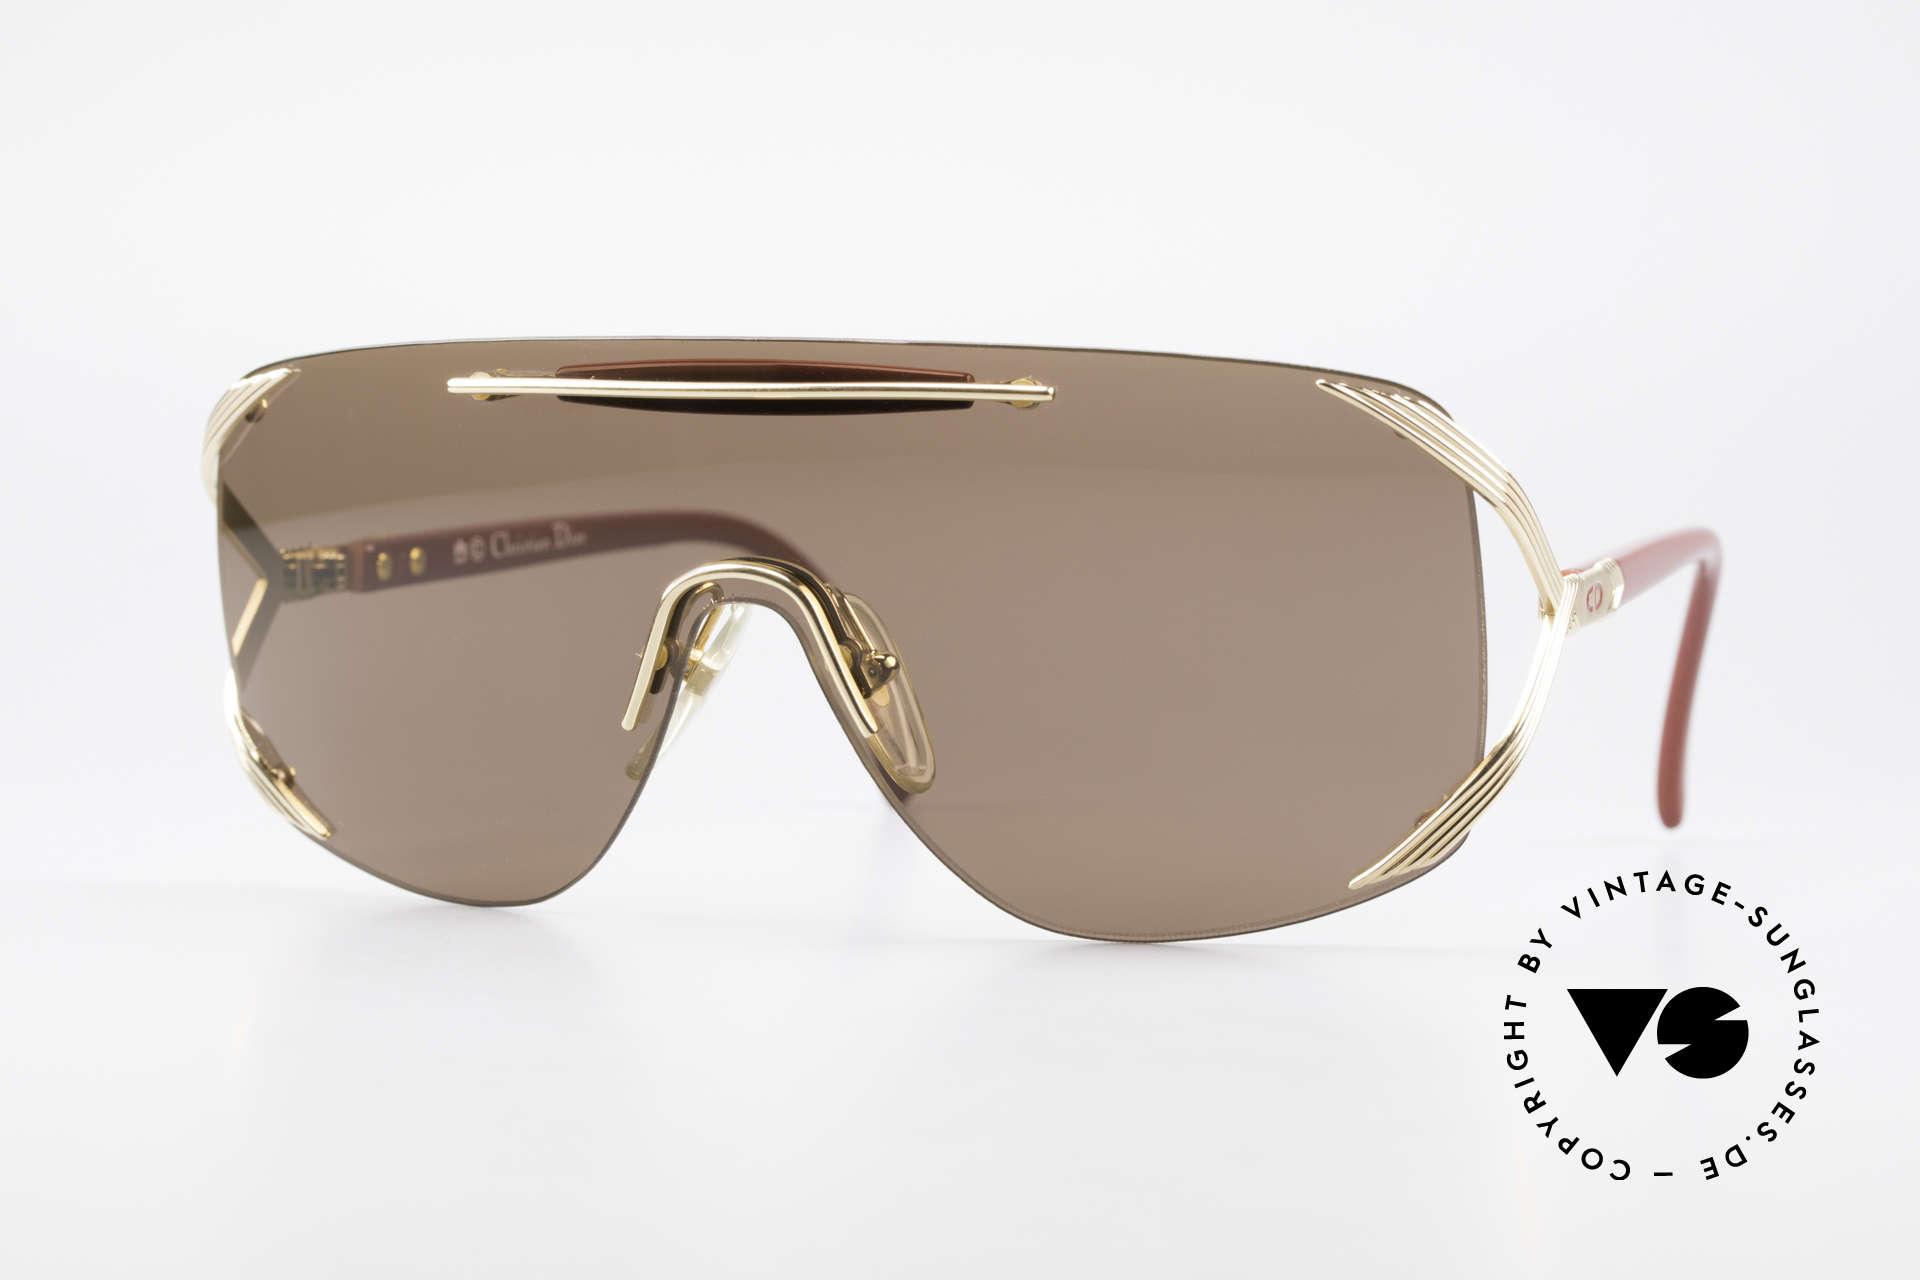 Christian Dior 2434 Rihanna Vintage Sonnenbrille, luxuriöses Christian Dior Design der 80er/90er, Passend für Damen